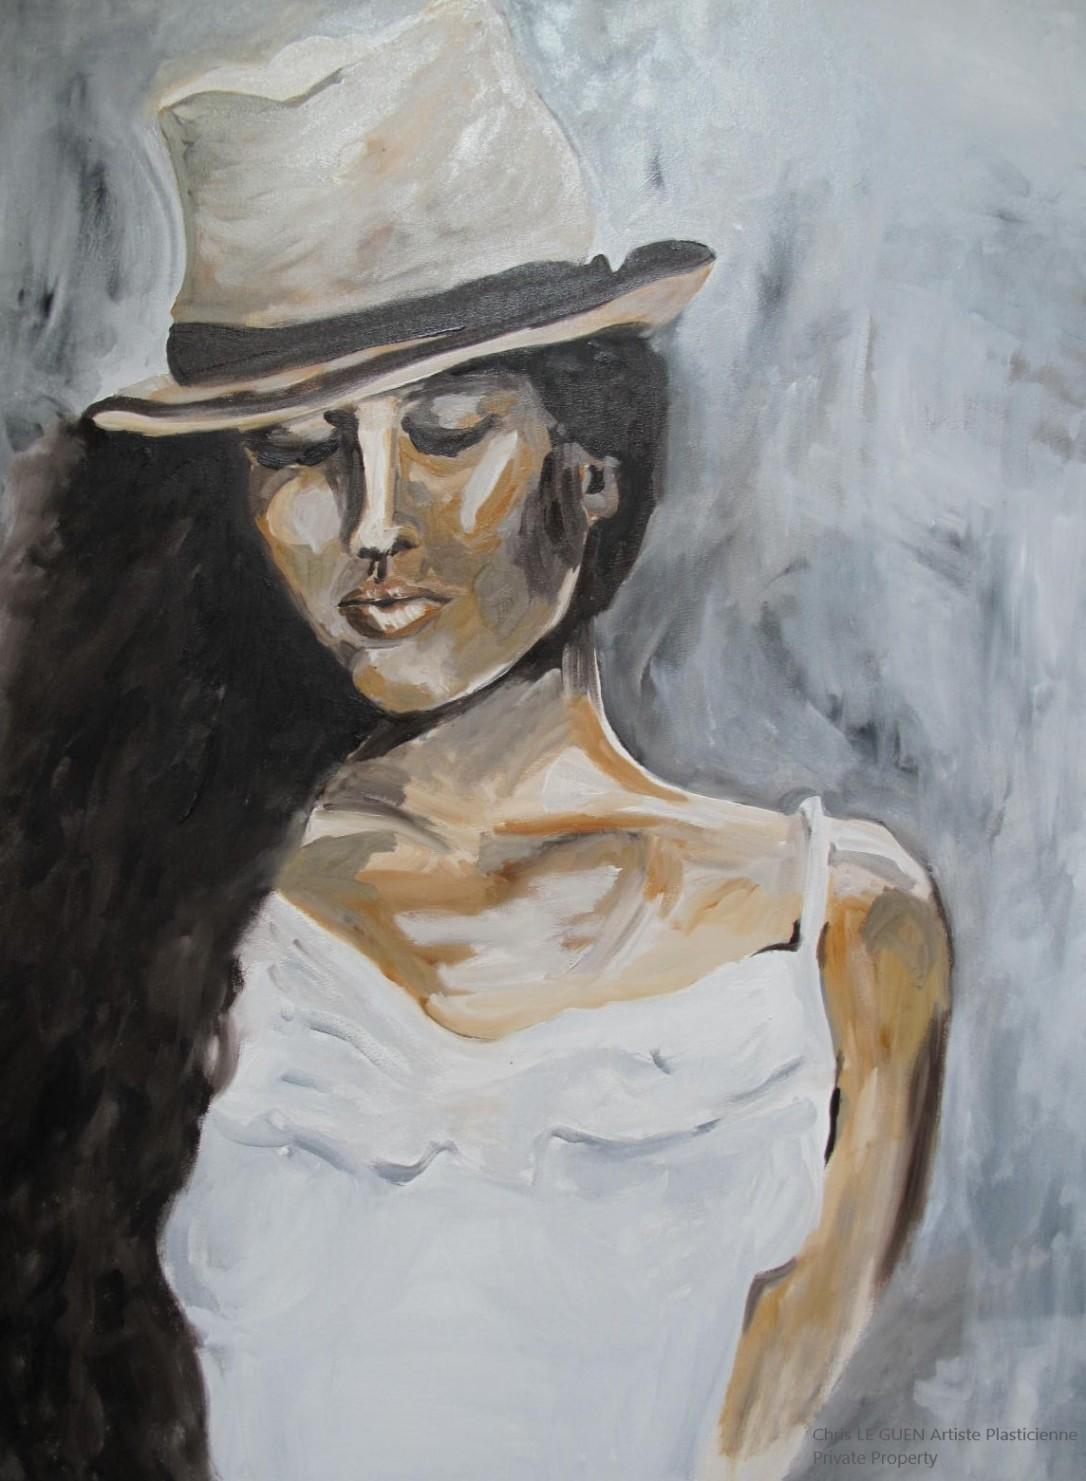 Chris Le Guen Artiste Plasticienne Peintre et Sculptrice peint La Bauloise